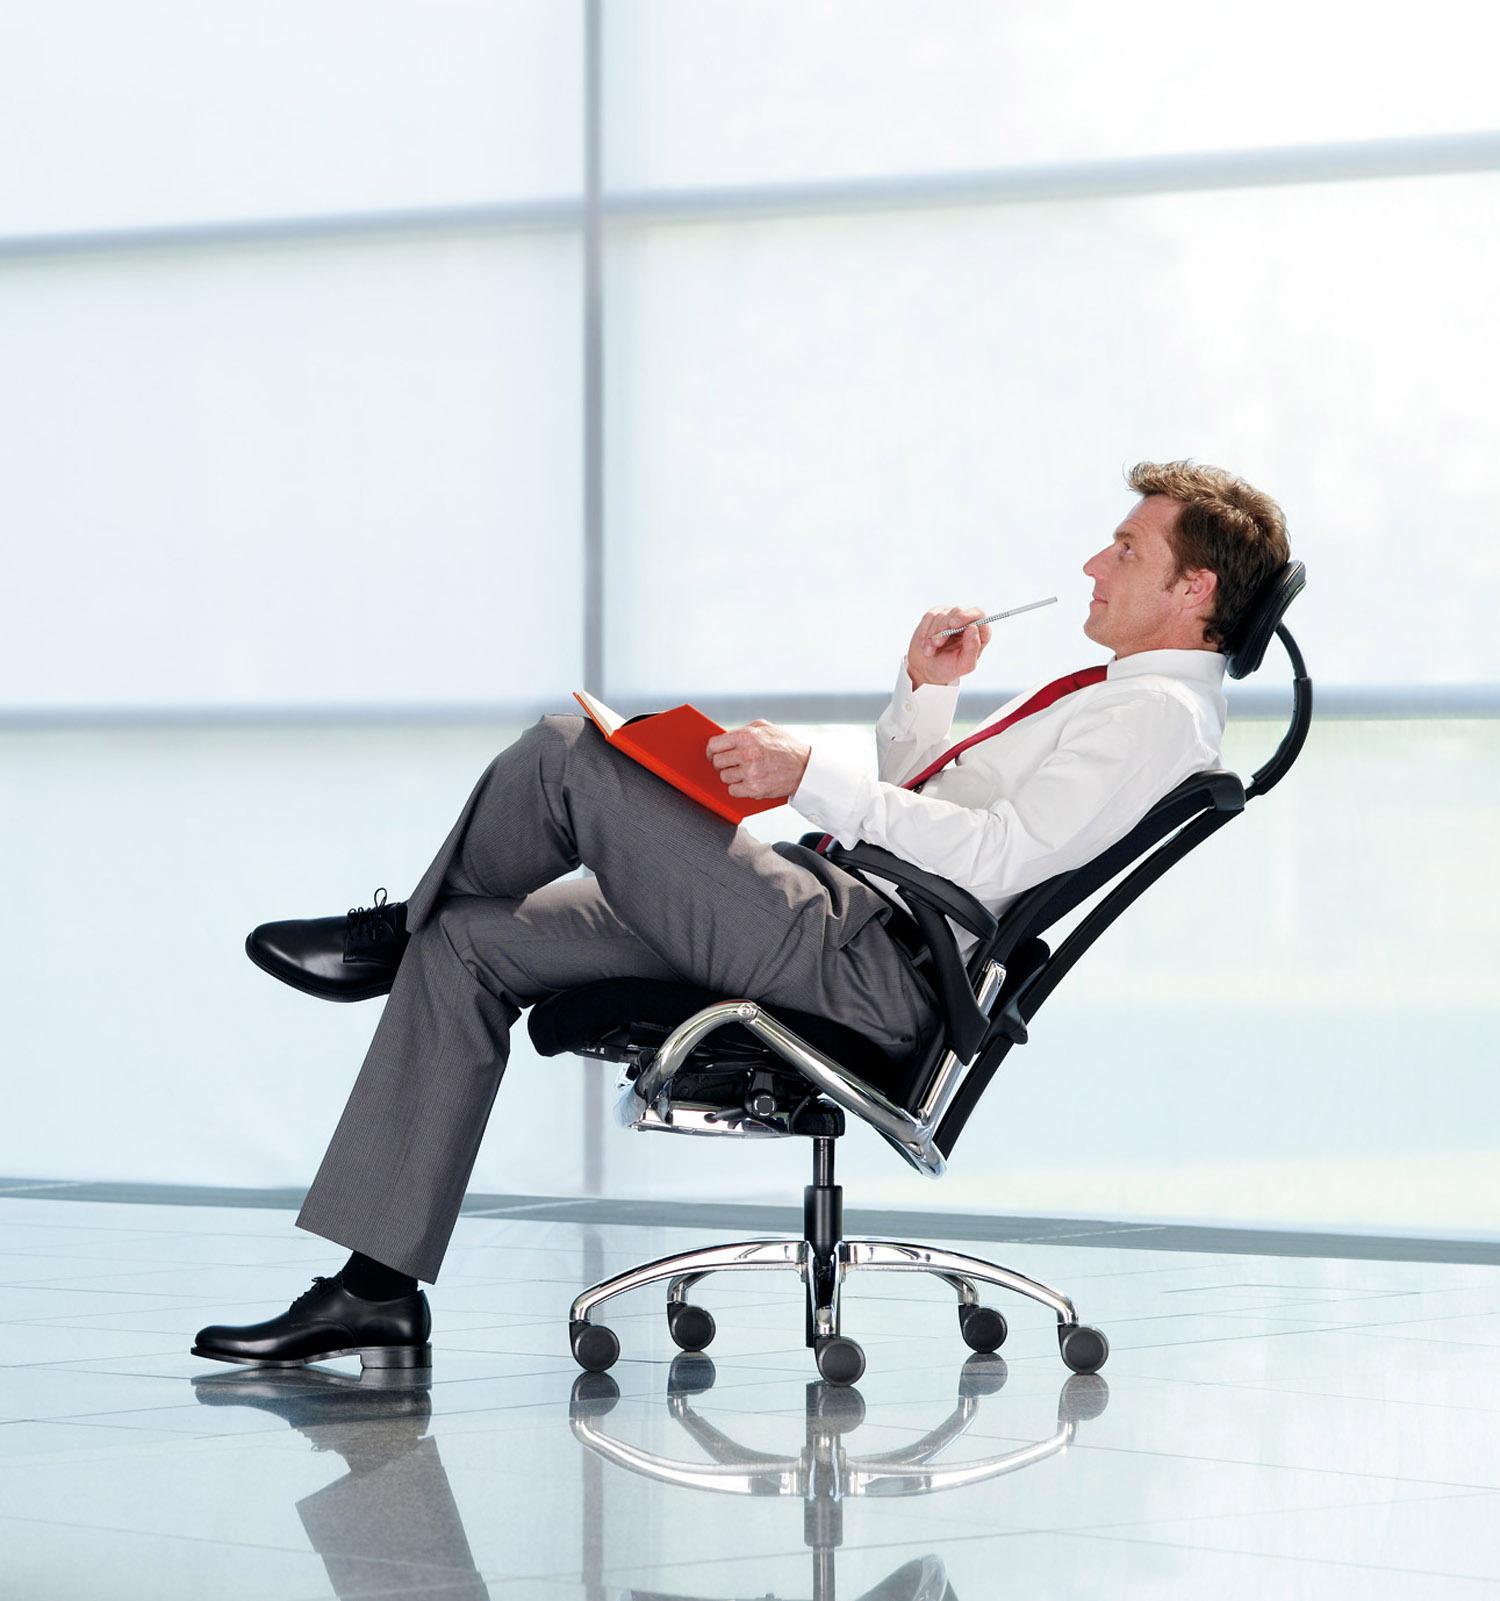 Компьютерные кресла могут быть опасны для здоровья